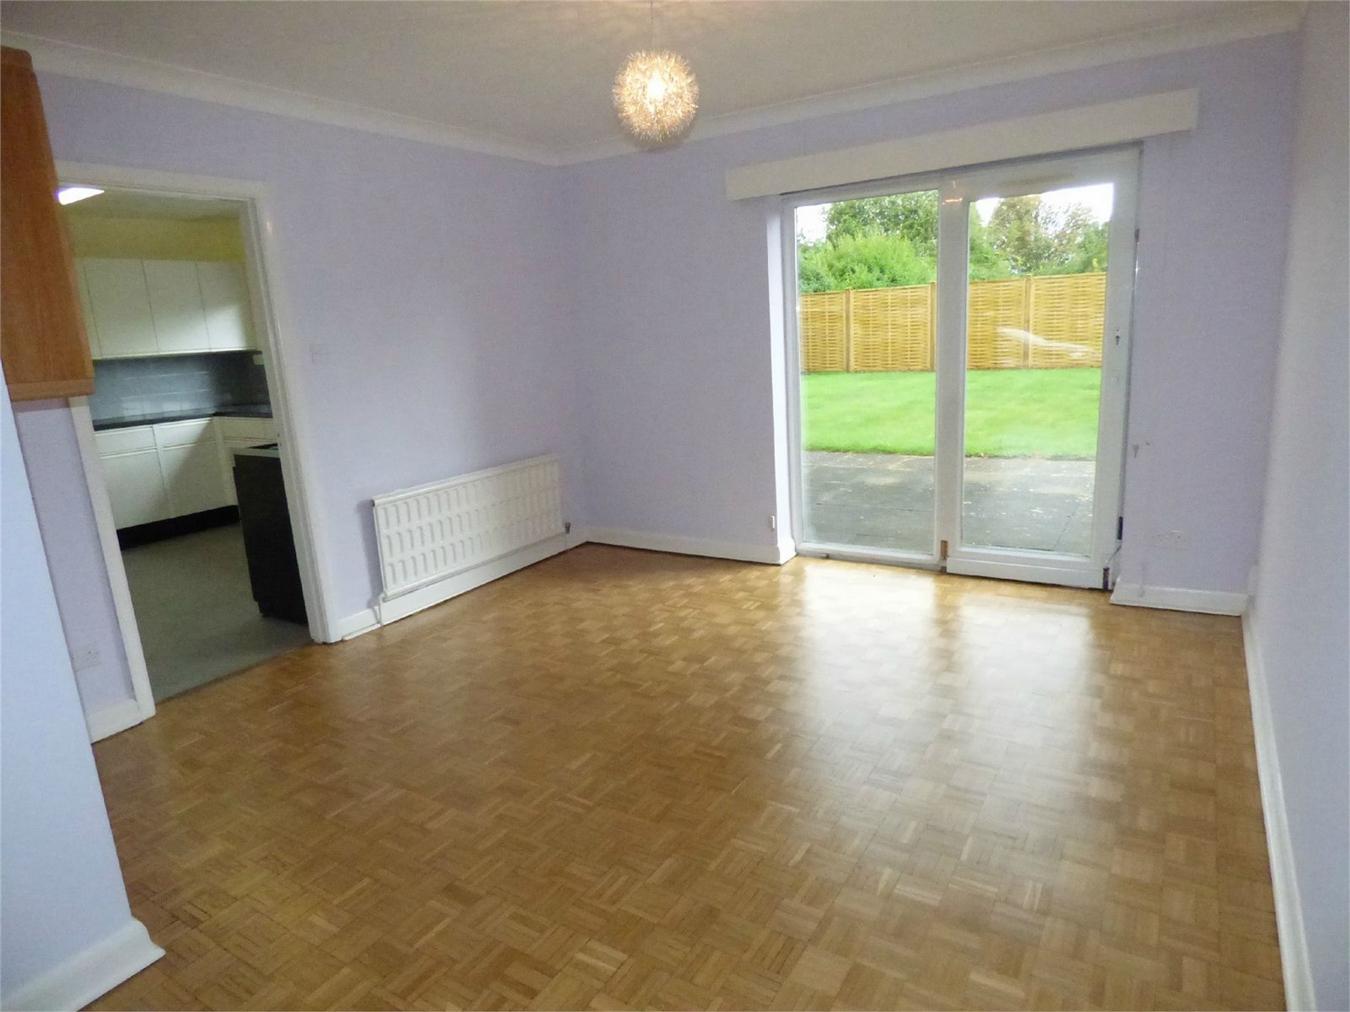 1012 #694A29 Audley Gate Peterborough Cambridgeshire PE3 4 Bedroom Detached  picture/photo Millennium Garage Doors 36191350